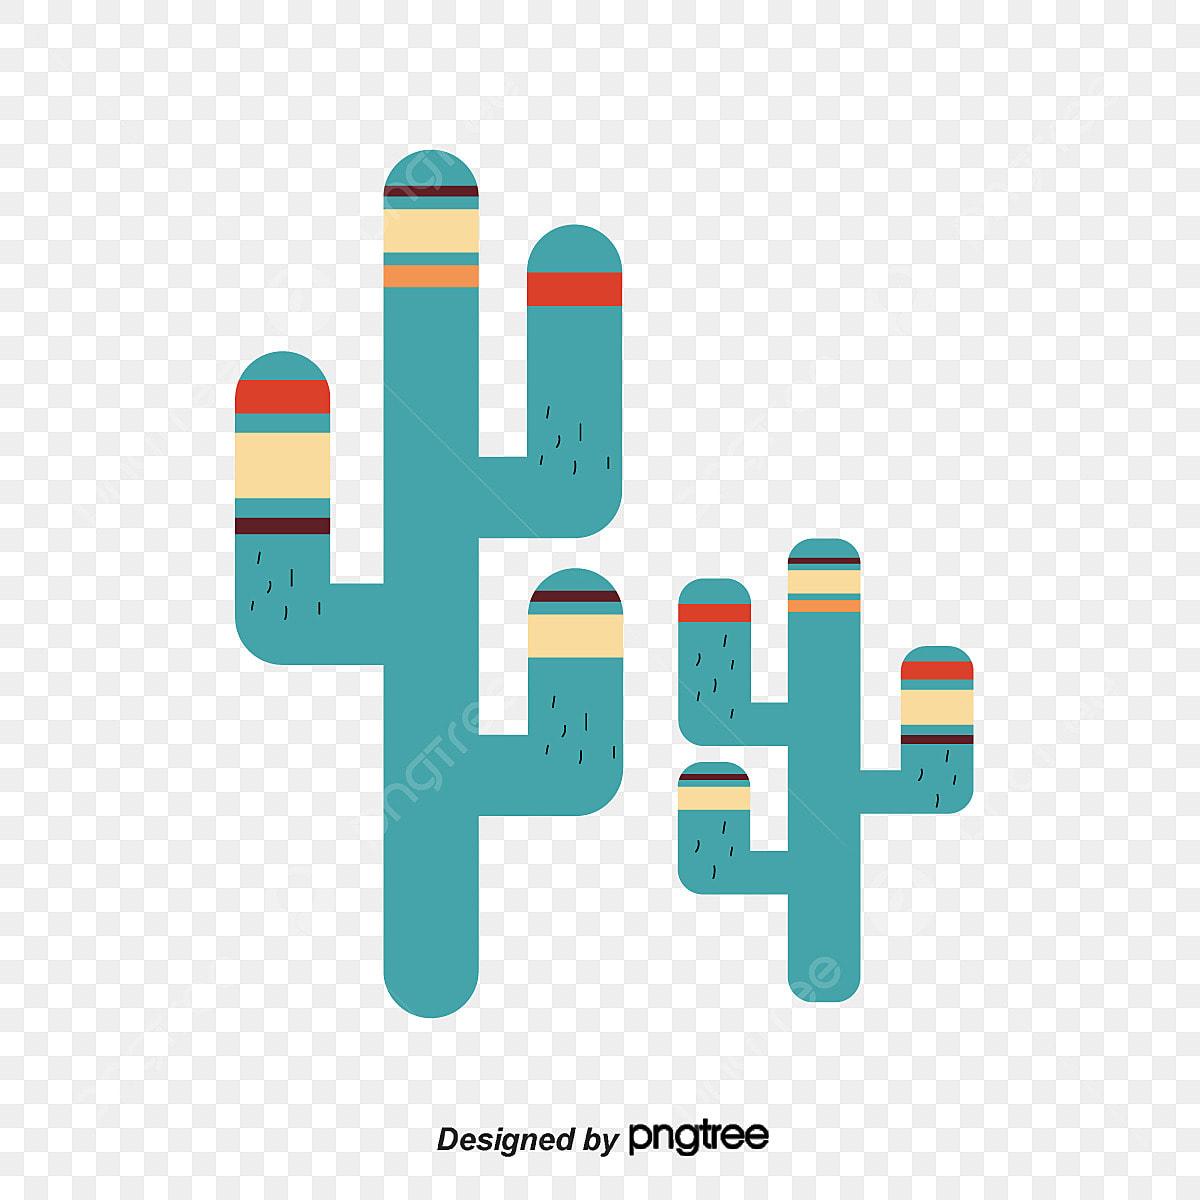 Cactus boho. Indian green design png